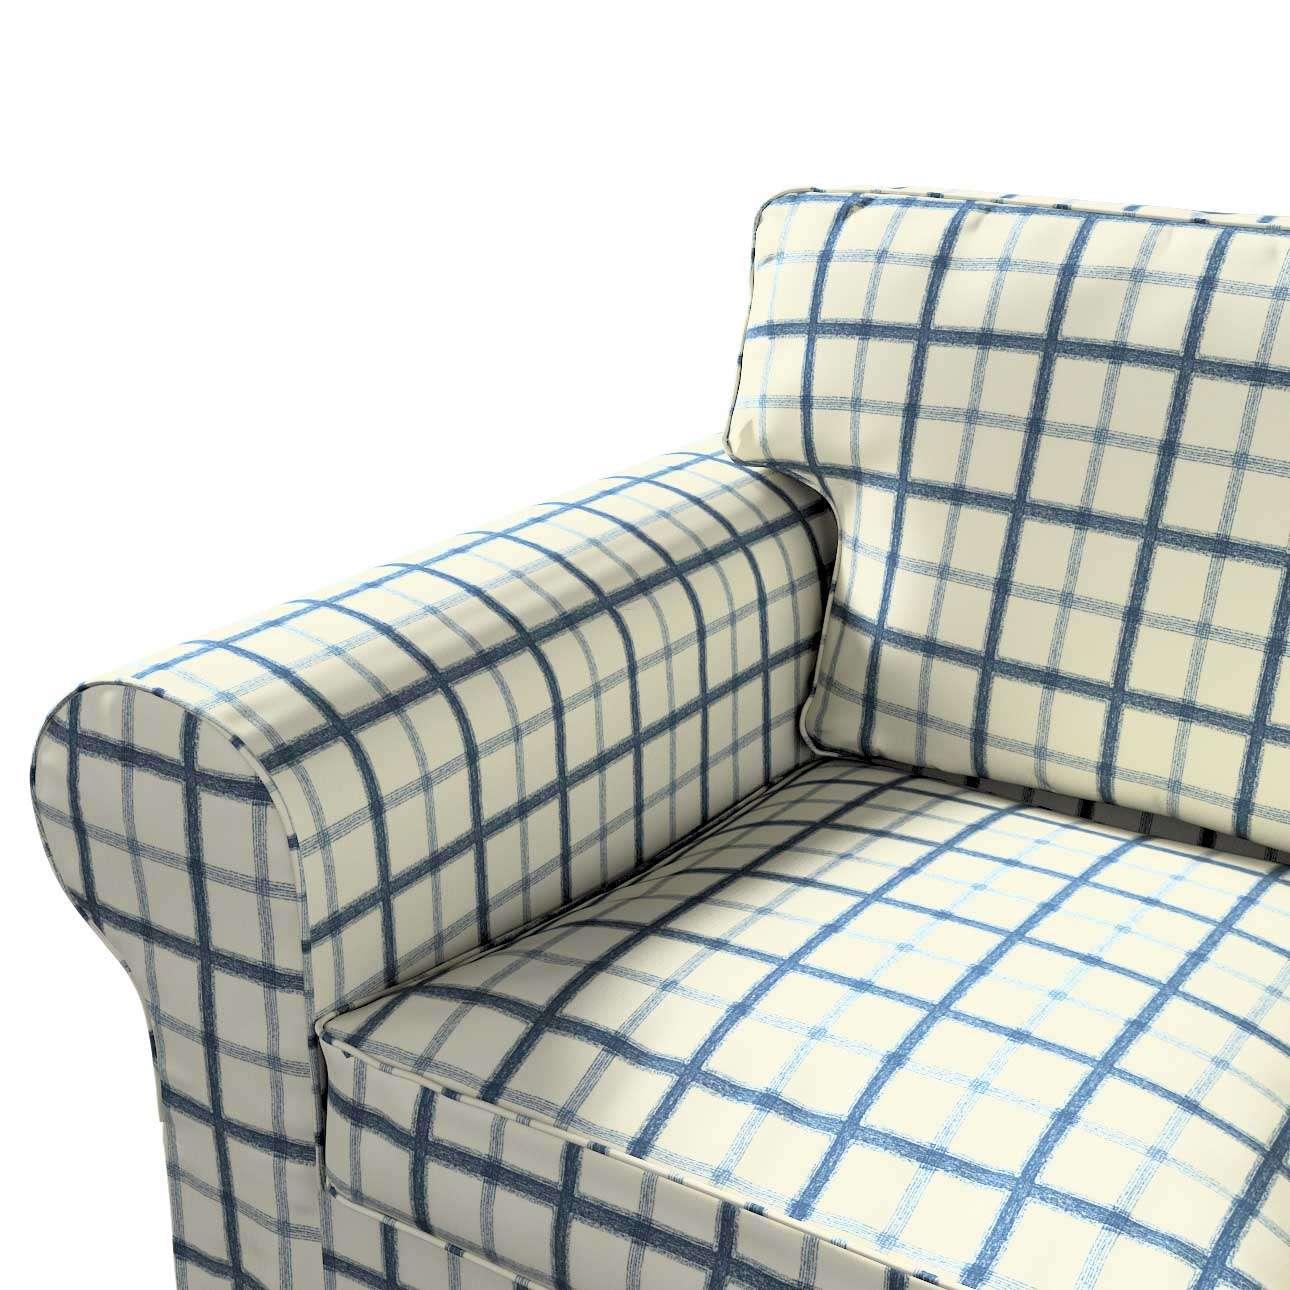 Pokrowiec na sofę Ektorp 2-osobową, rozkładaną, model do 2012 w kolekcji Avinon, tkanina: 131-66